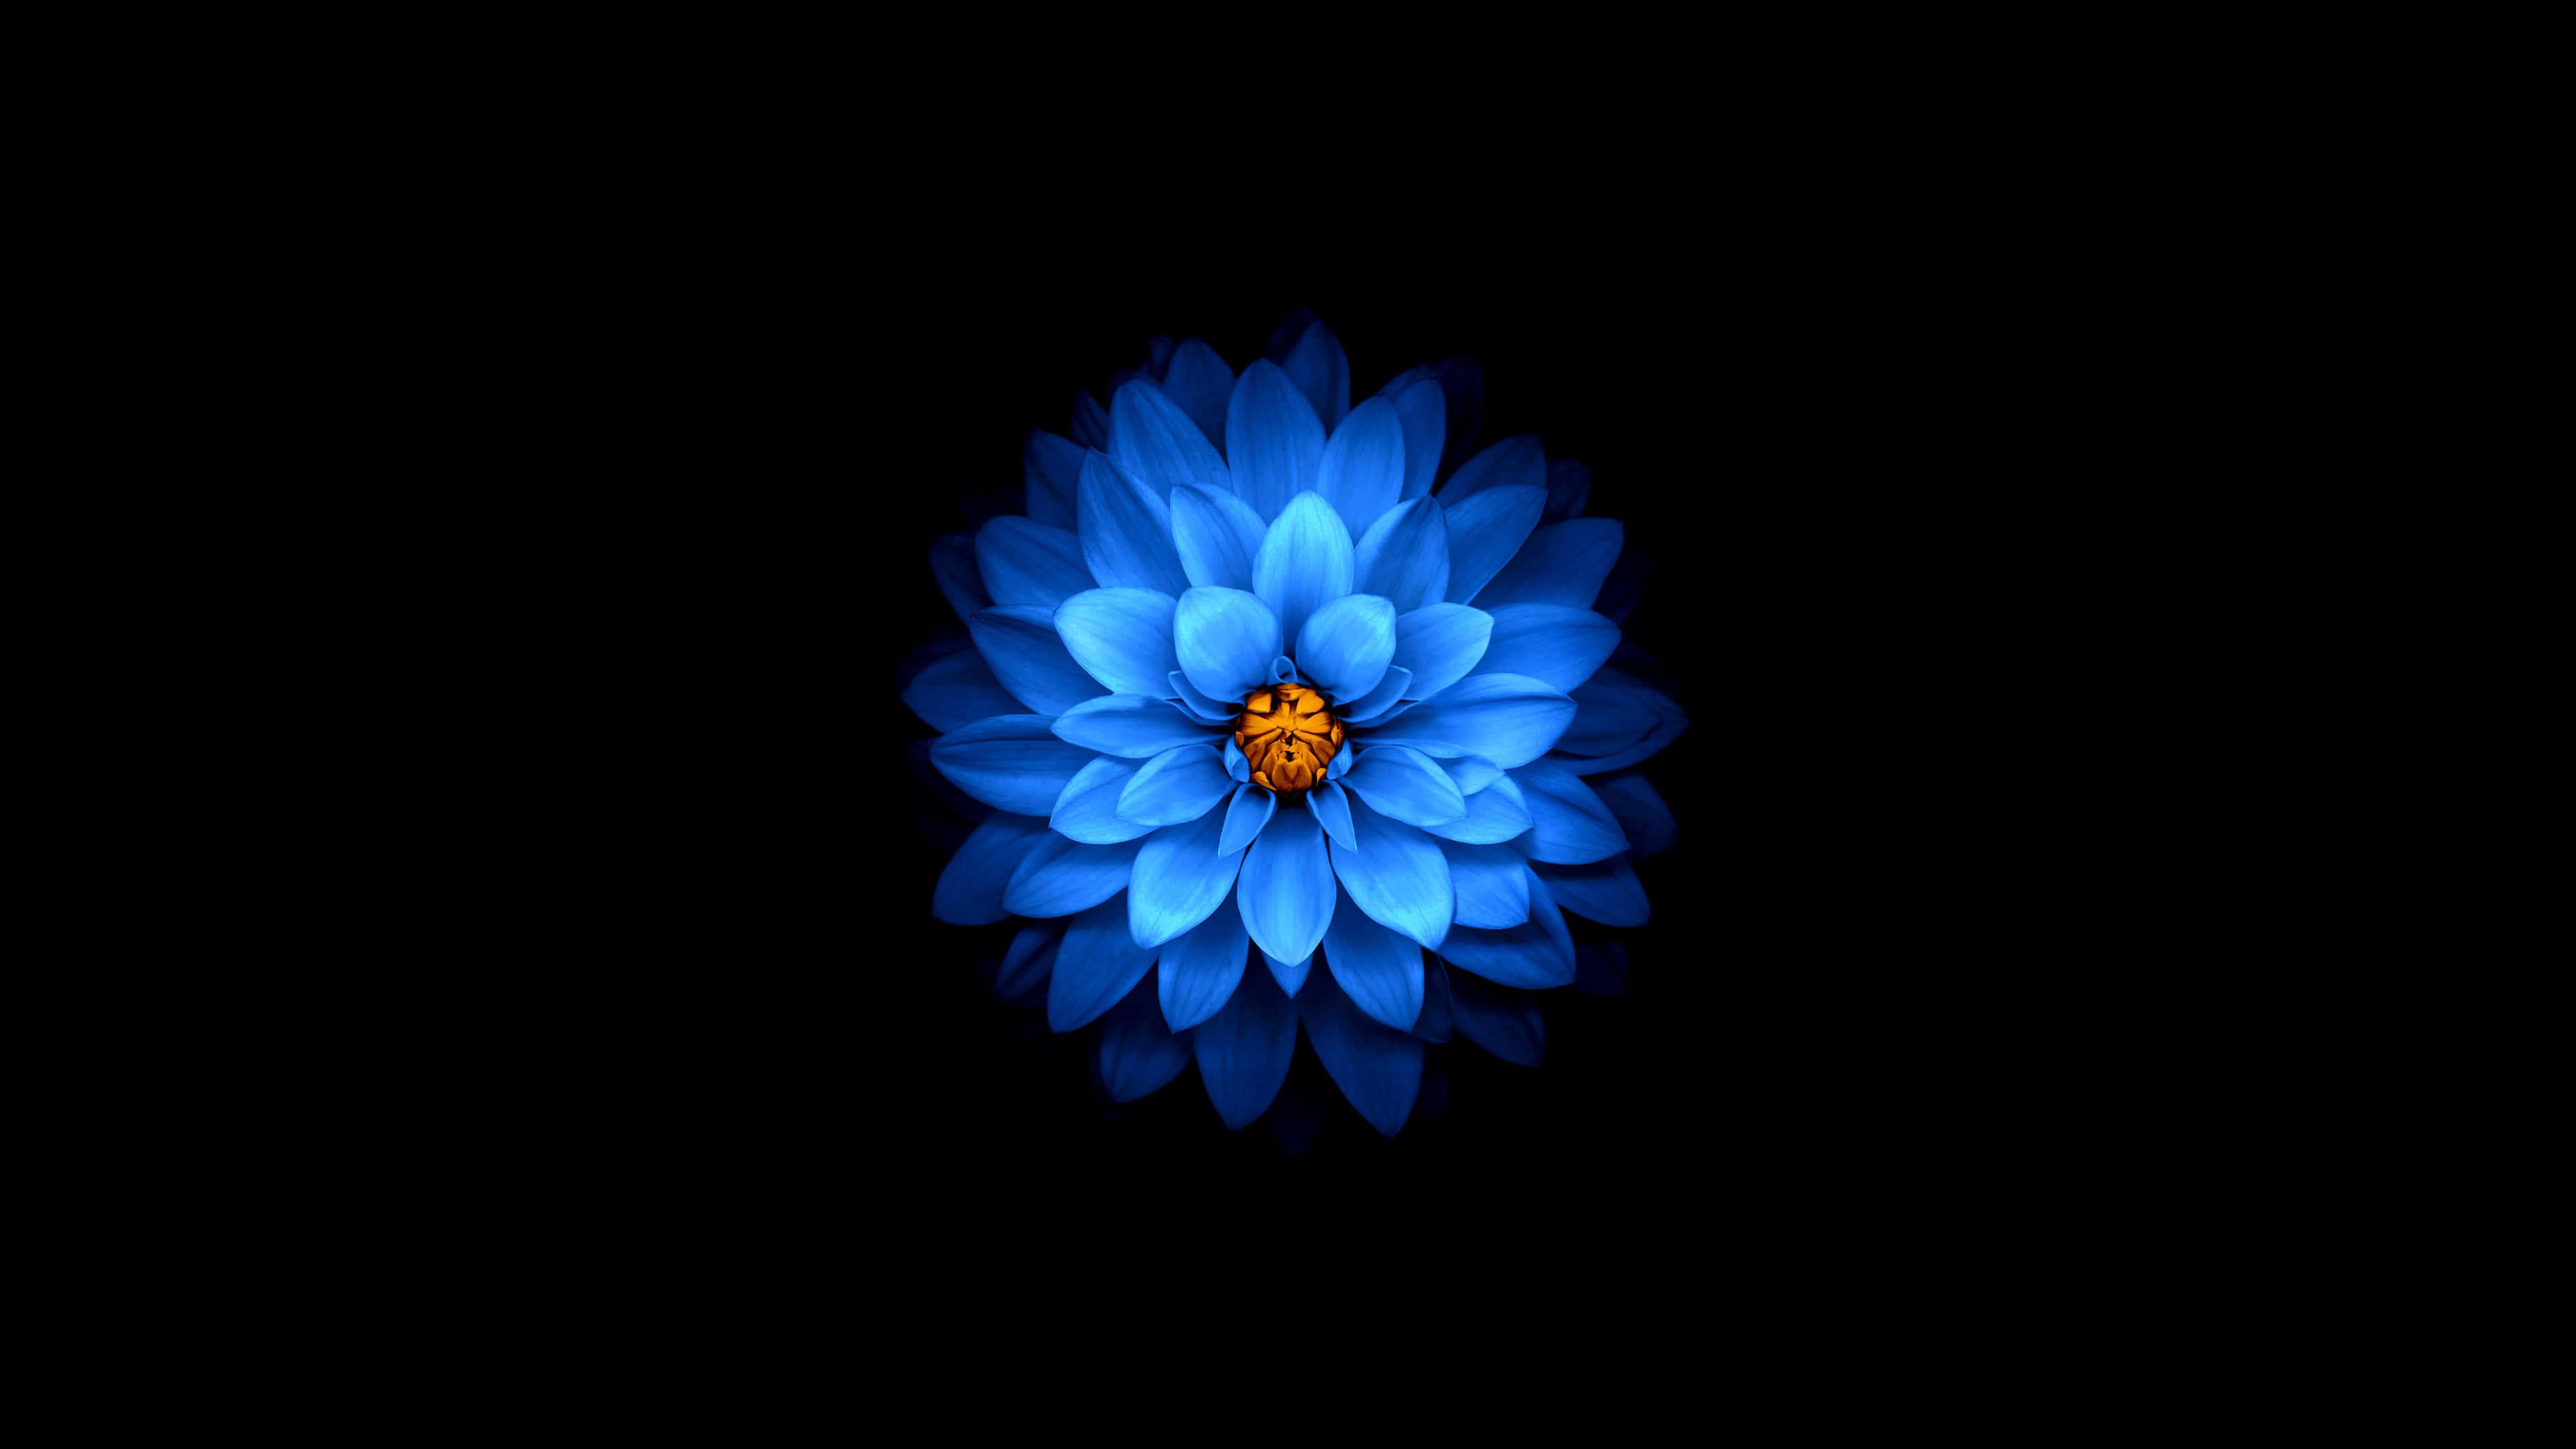 Hình ảnh hoa sen xanh dương đẹp